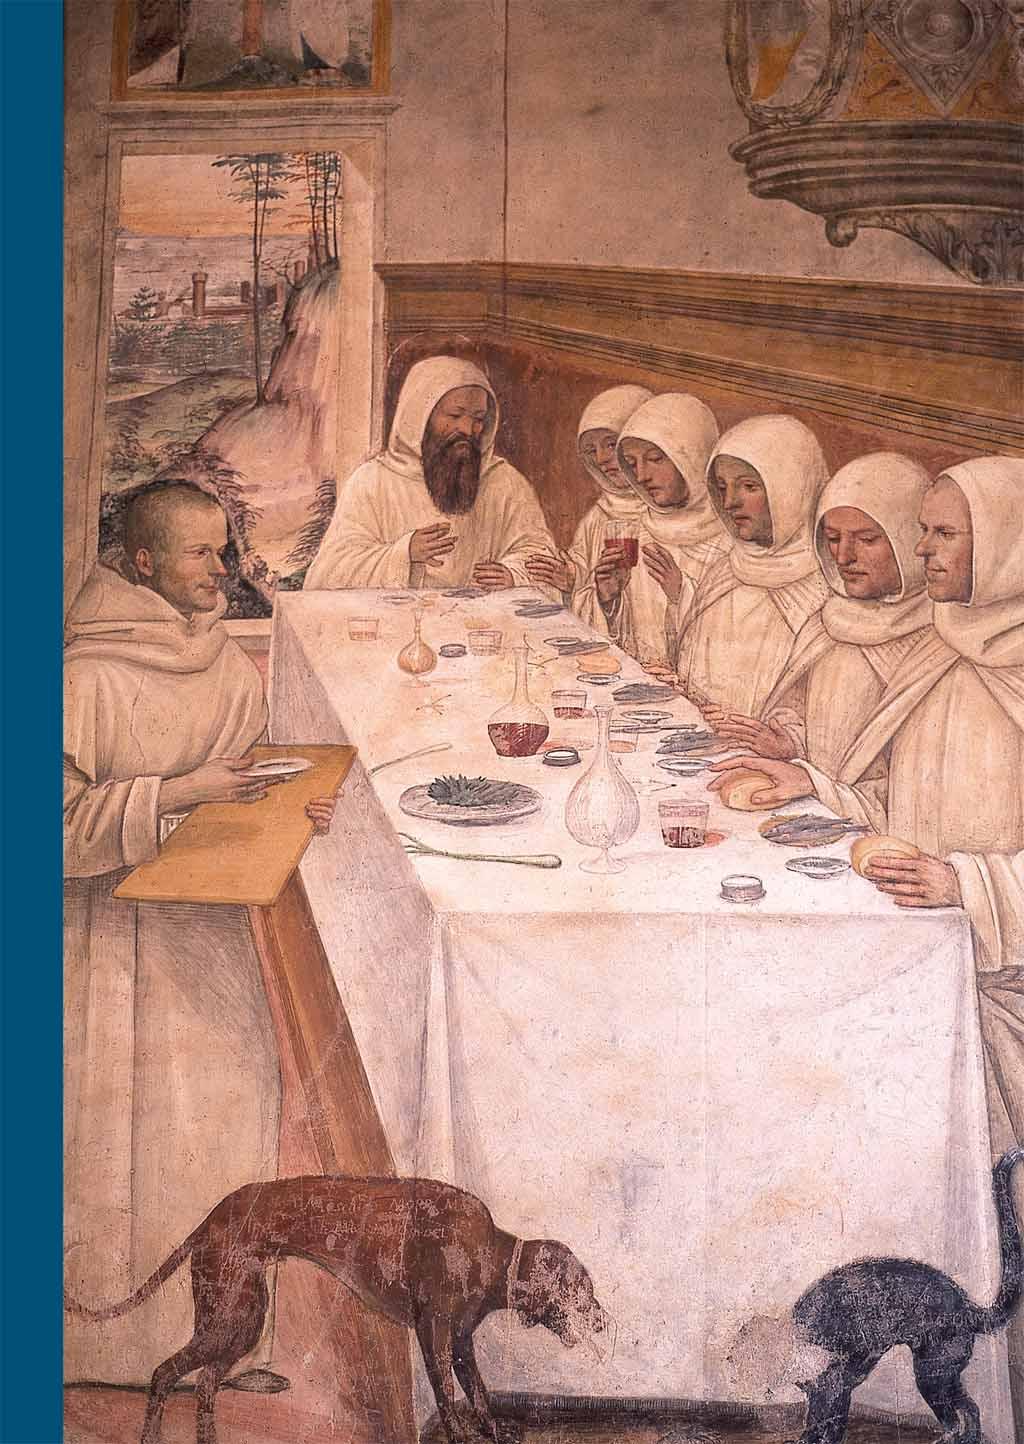 Saint Benoît restaure les moines